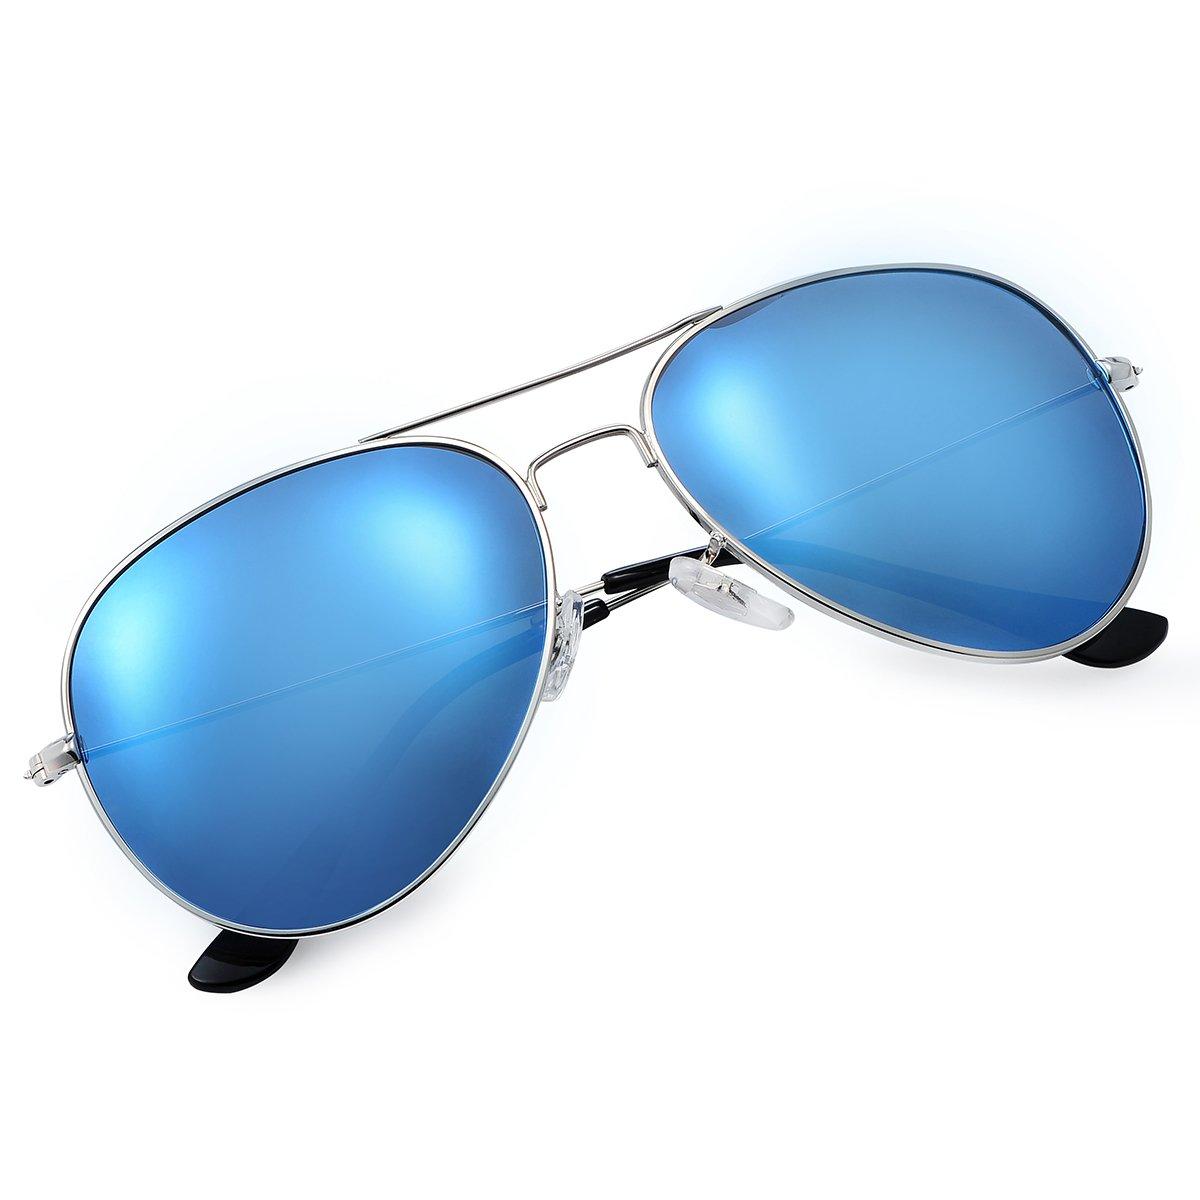 Yveser Gafas de Sol UV400 polarizadas para Hombres y Mujeres Yv3025 (Lente Azul/Marco Plateada): Amazon.es: Deportes y aire libre